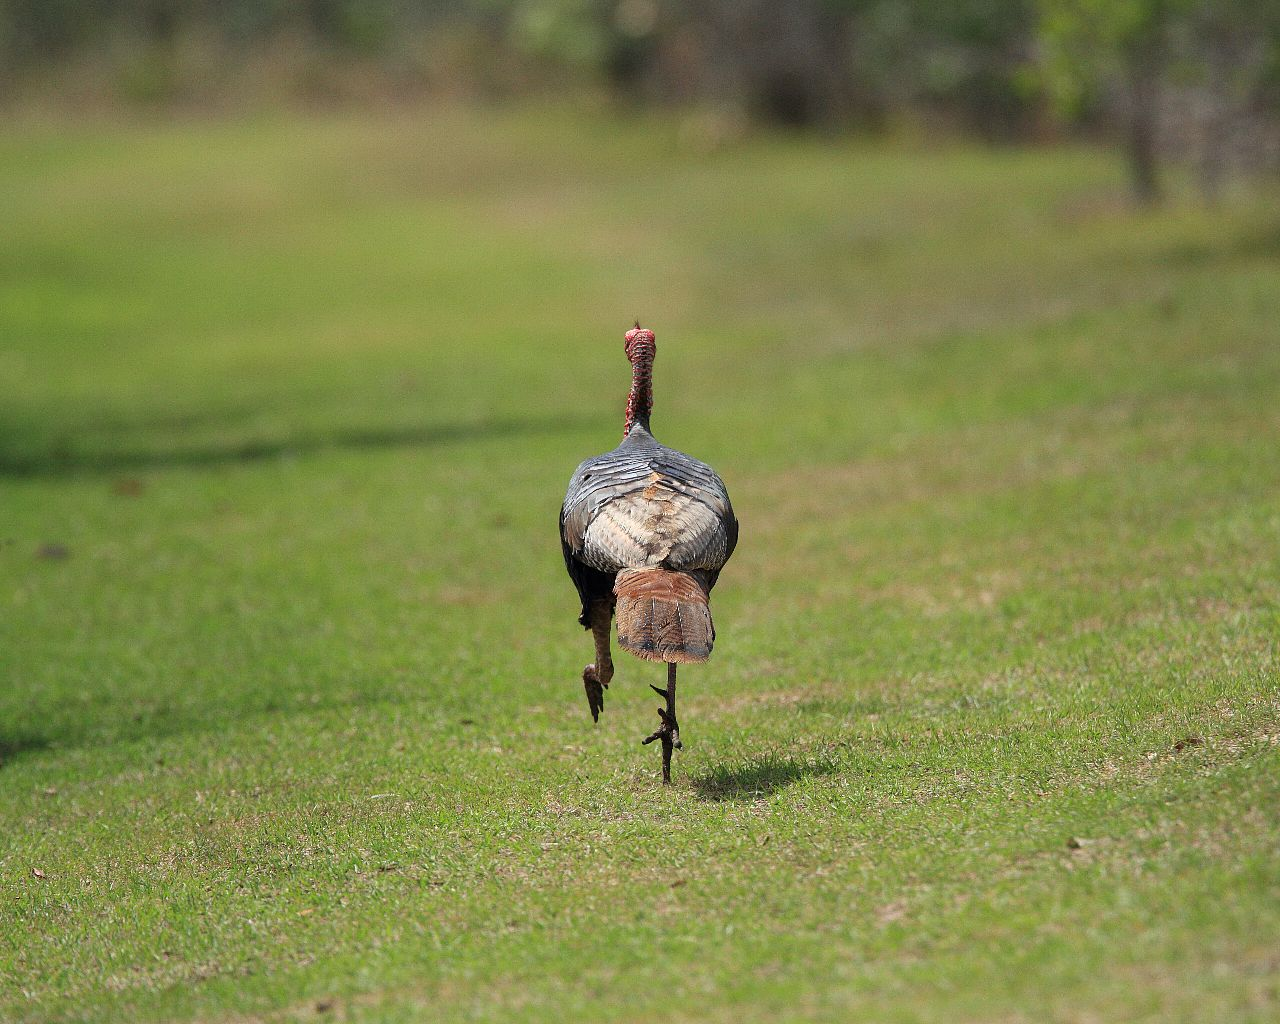 フロリダの鳥2013年春その12: 走って逃げる七面鳥_f0105570_21244316.jpg